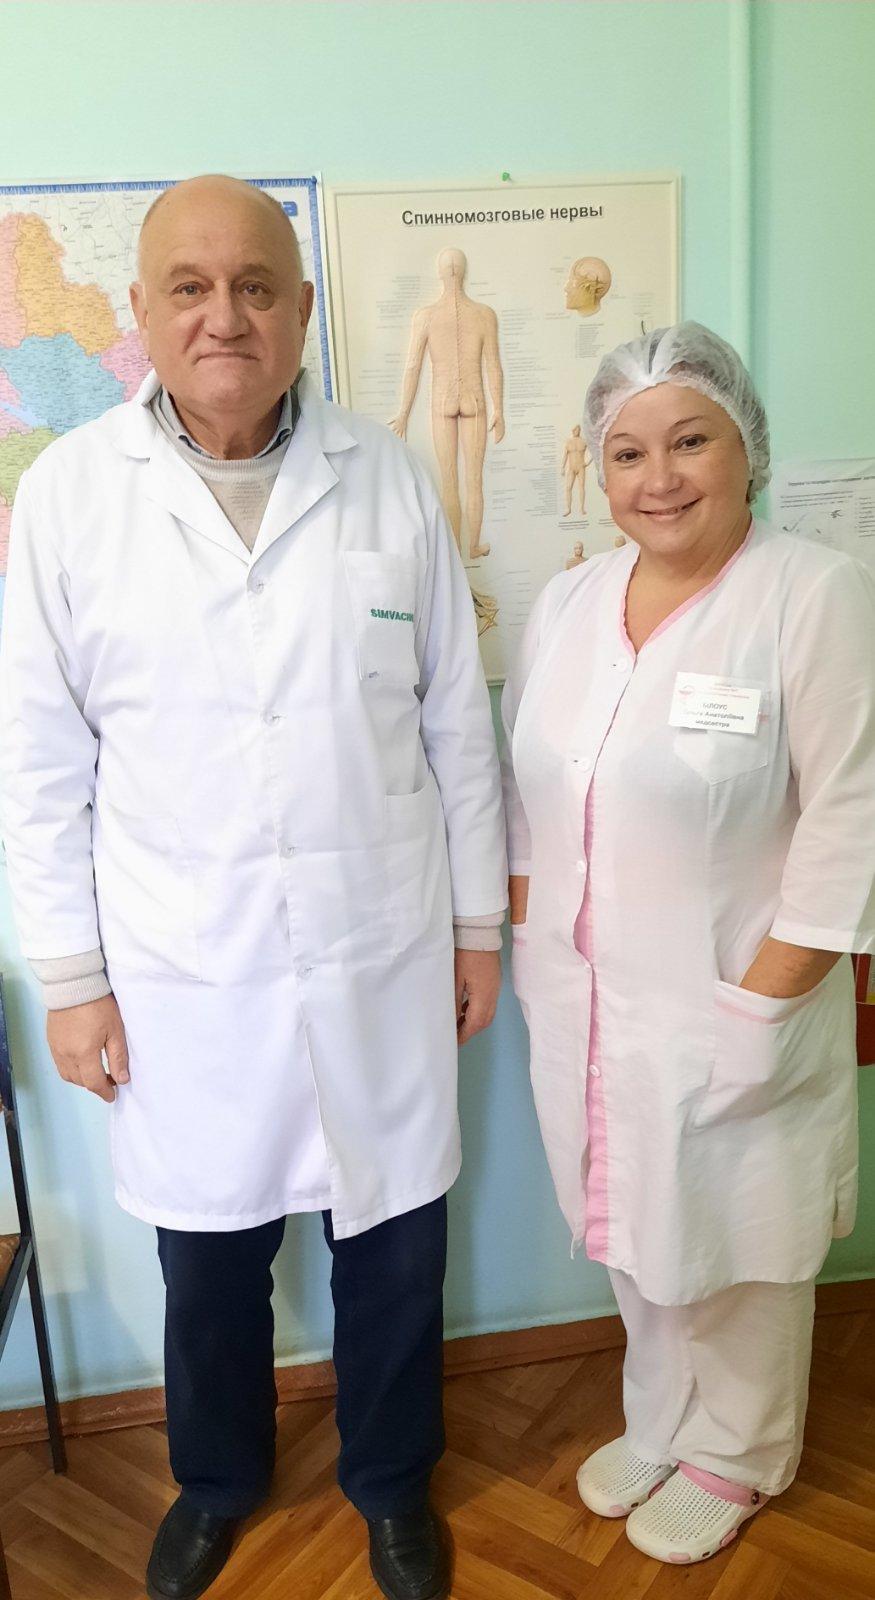 В Черноморске отмечают Международный день невролога, фото-1